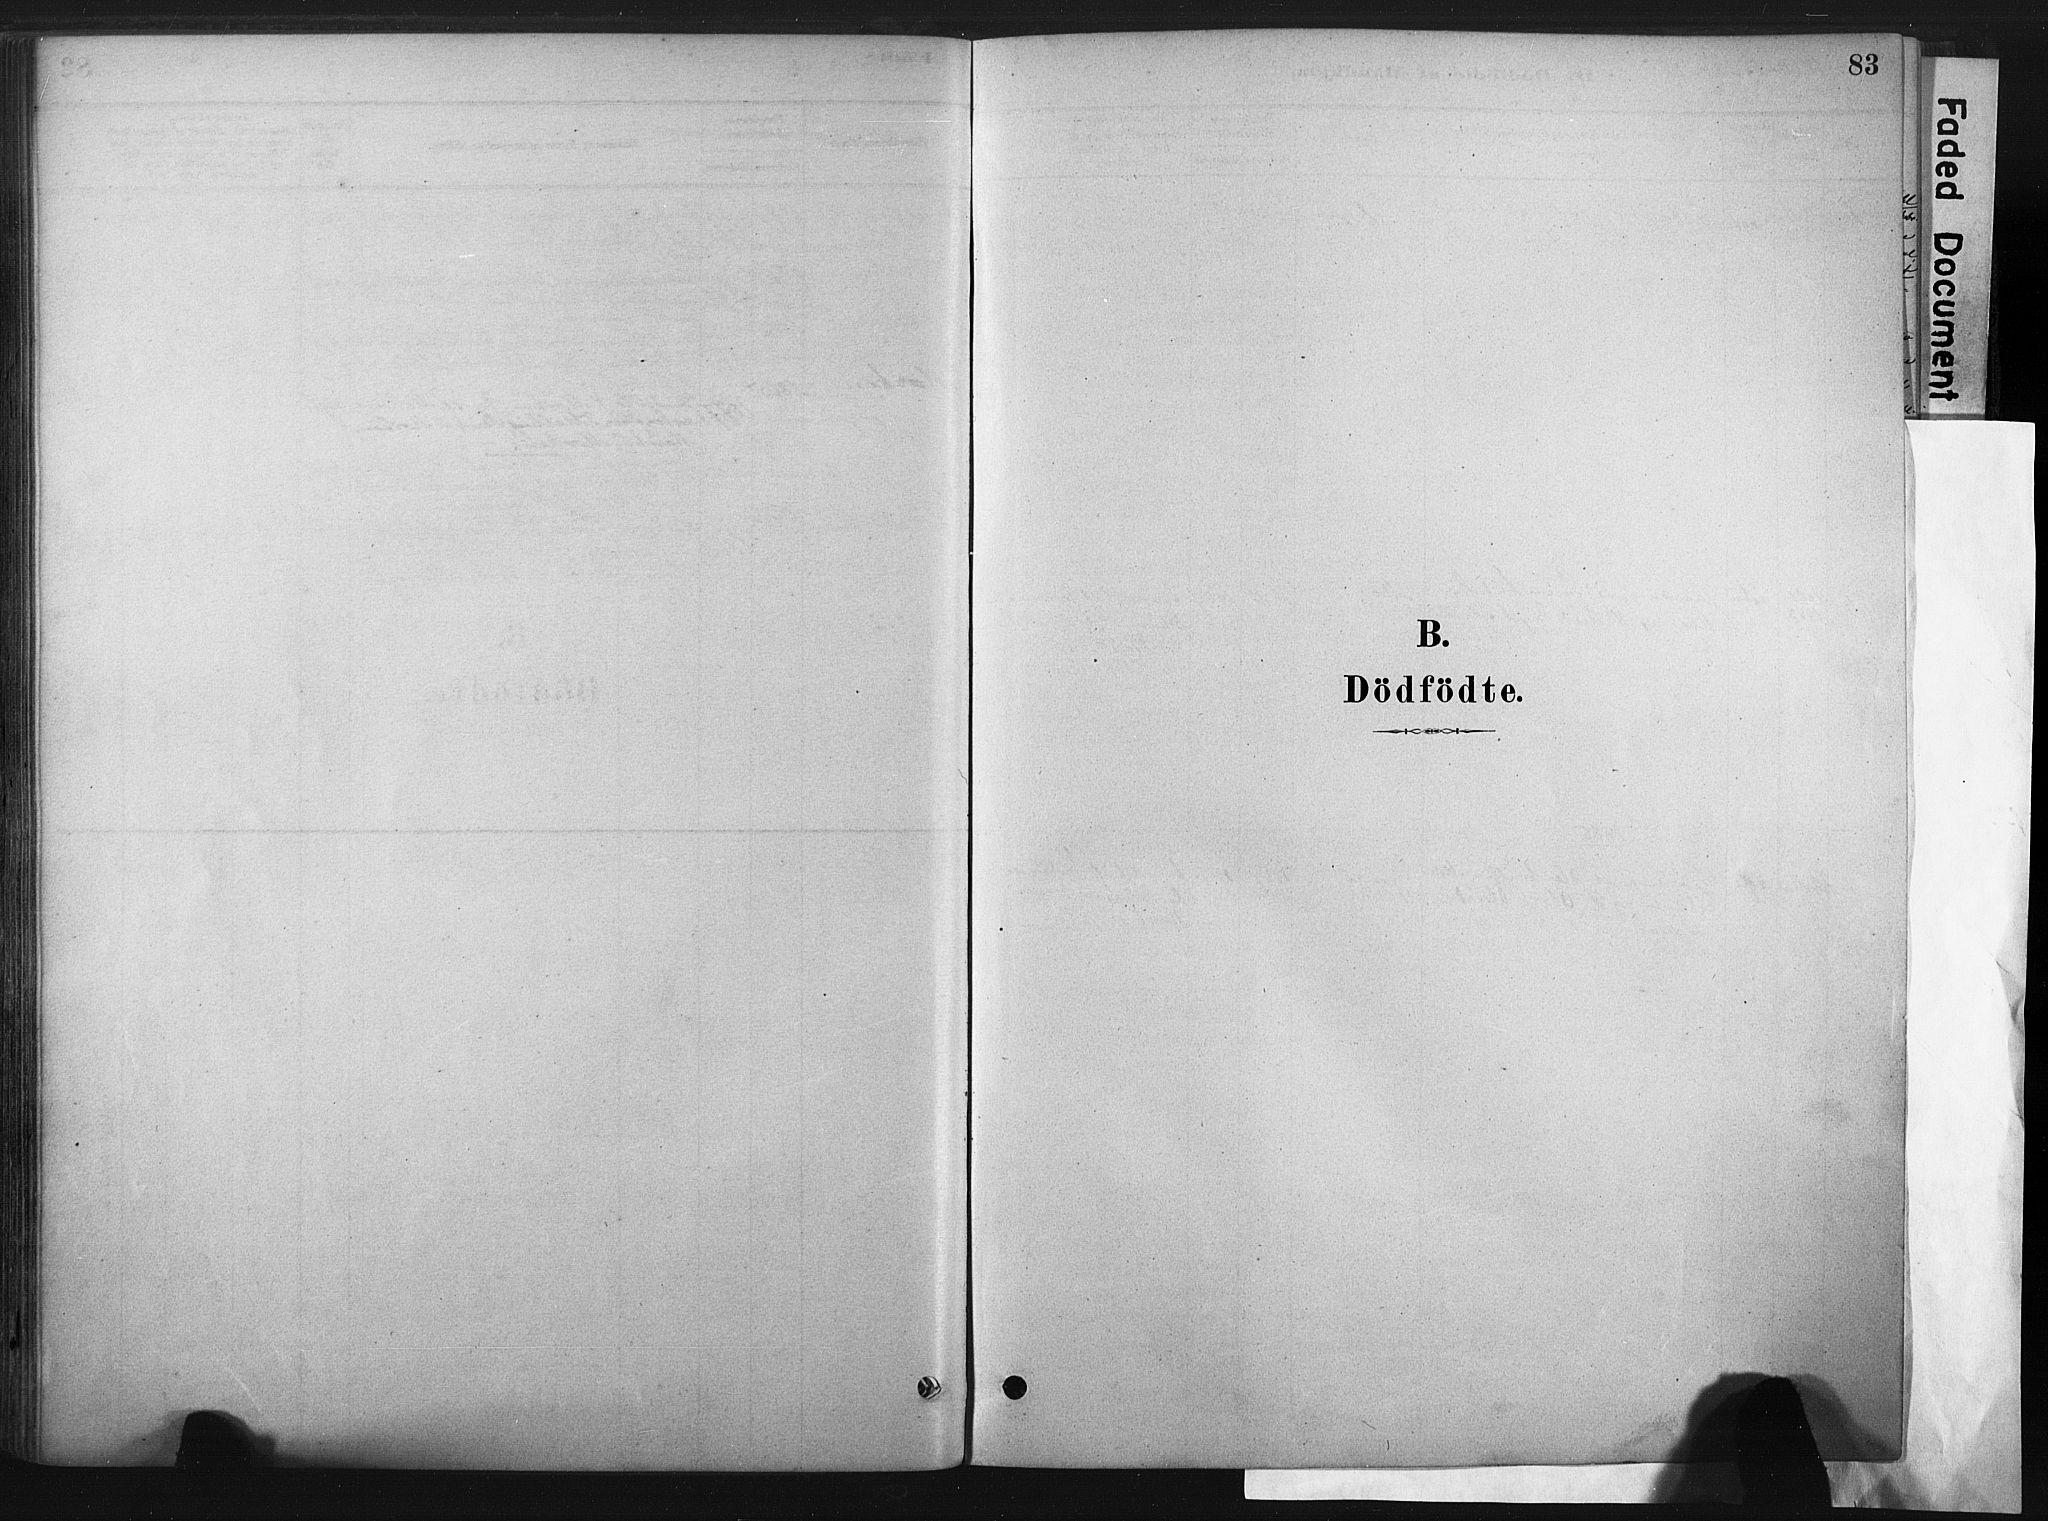 SAT, Ministerialprotokoller, klokkerbøker og fødselsregistre - Sør-Trøndelag, 667/L0795: Ministerialbok nr. 667A03, 1879-1907, s. 83